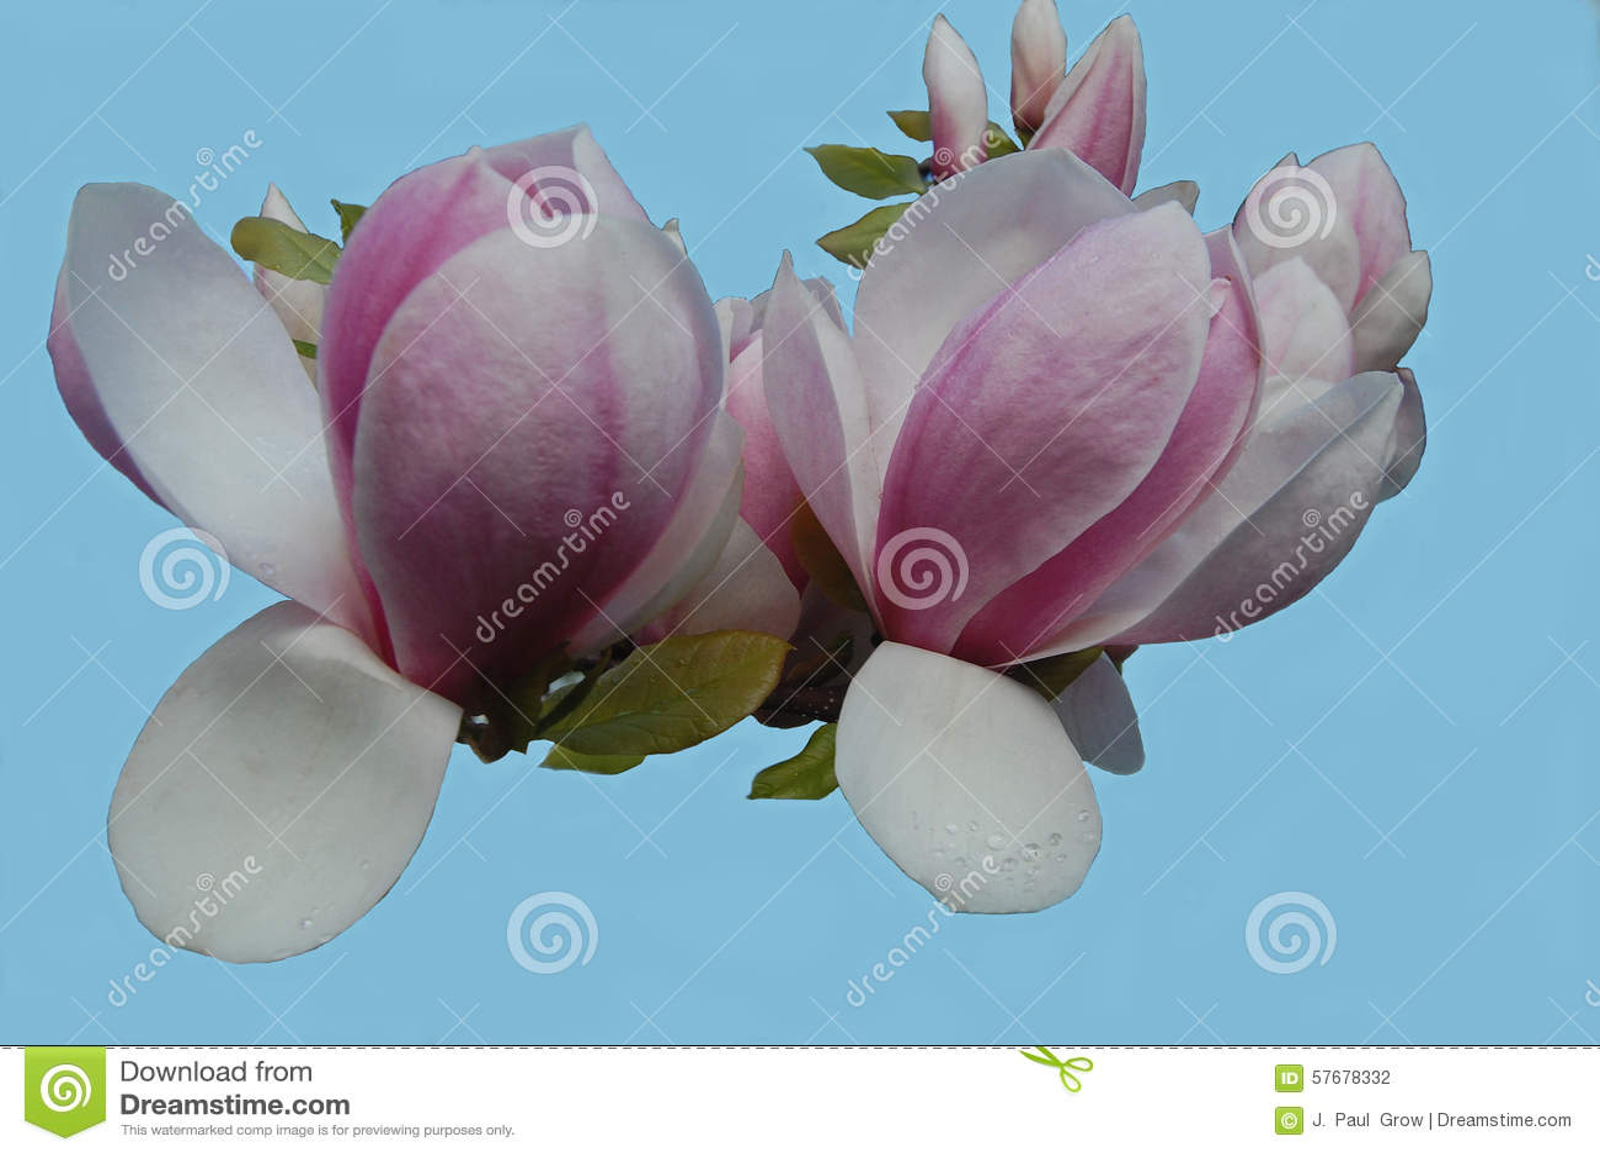 Ha Fiori Bianchi E Rosa.Fiori Bianchi E Rosa Dell Albero Di Tulipano Fotografia Stock